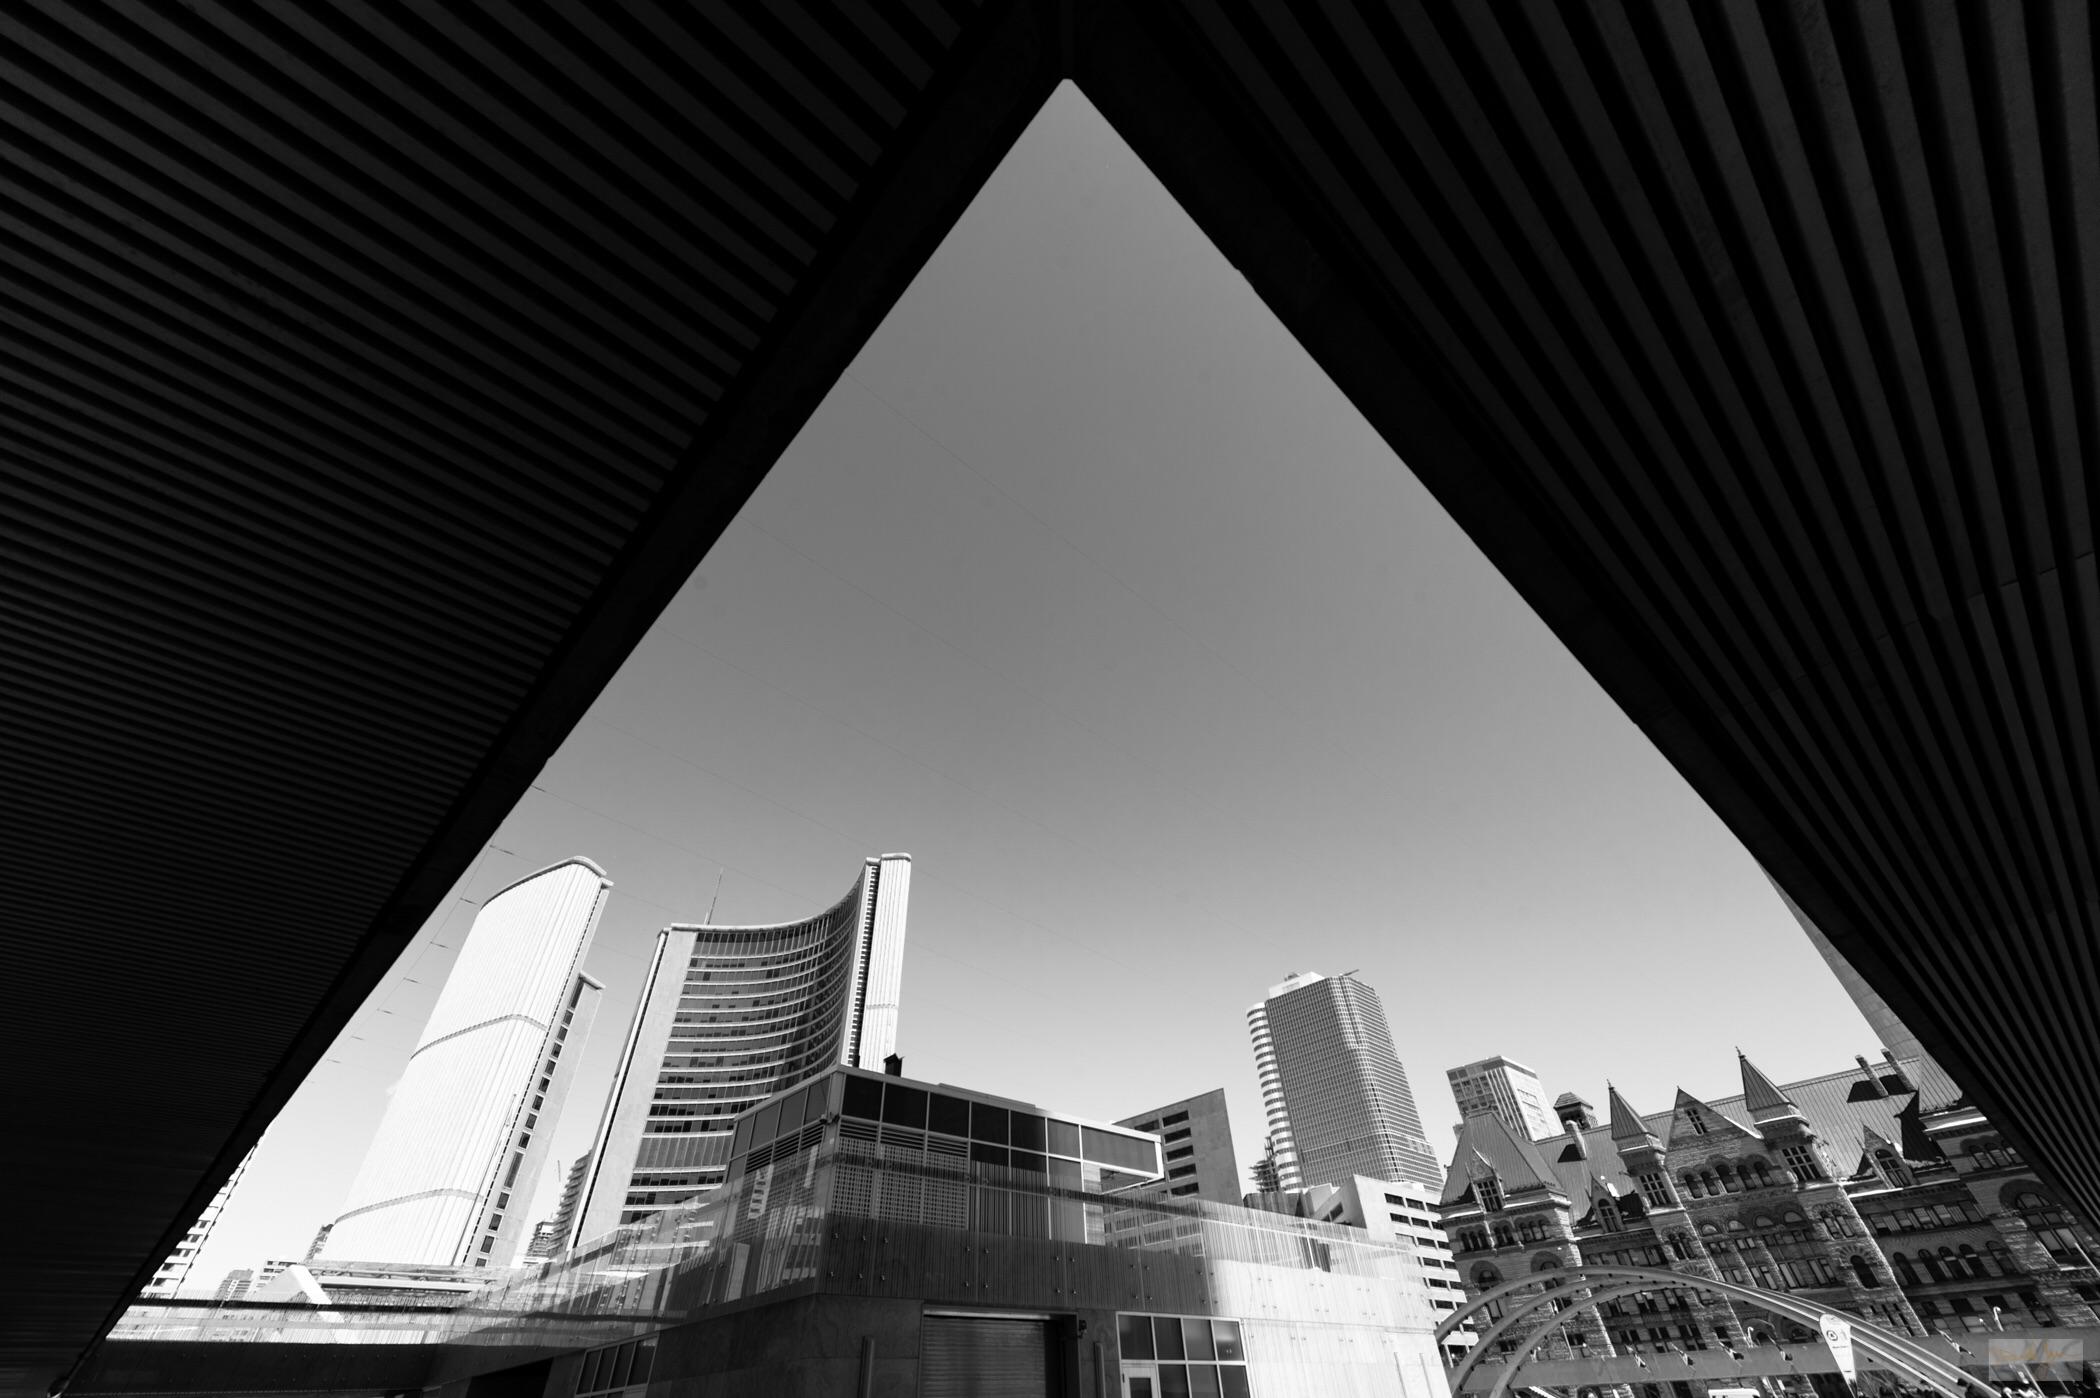 Pyramids of Toronto